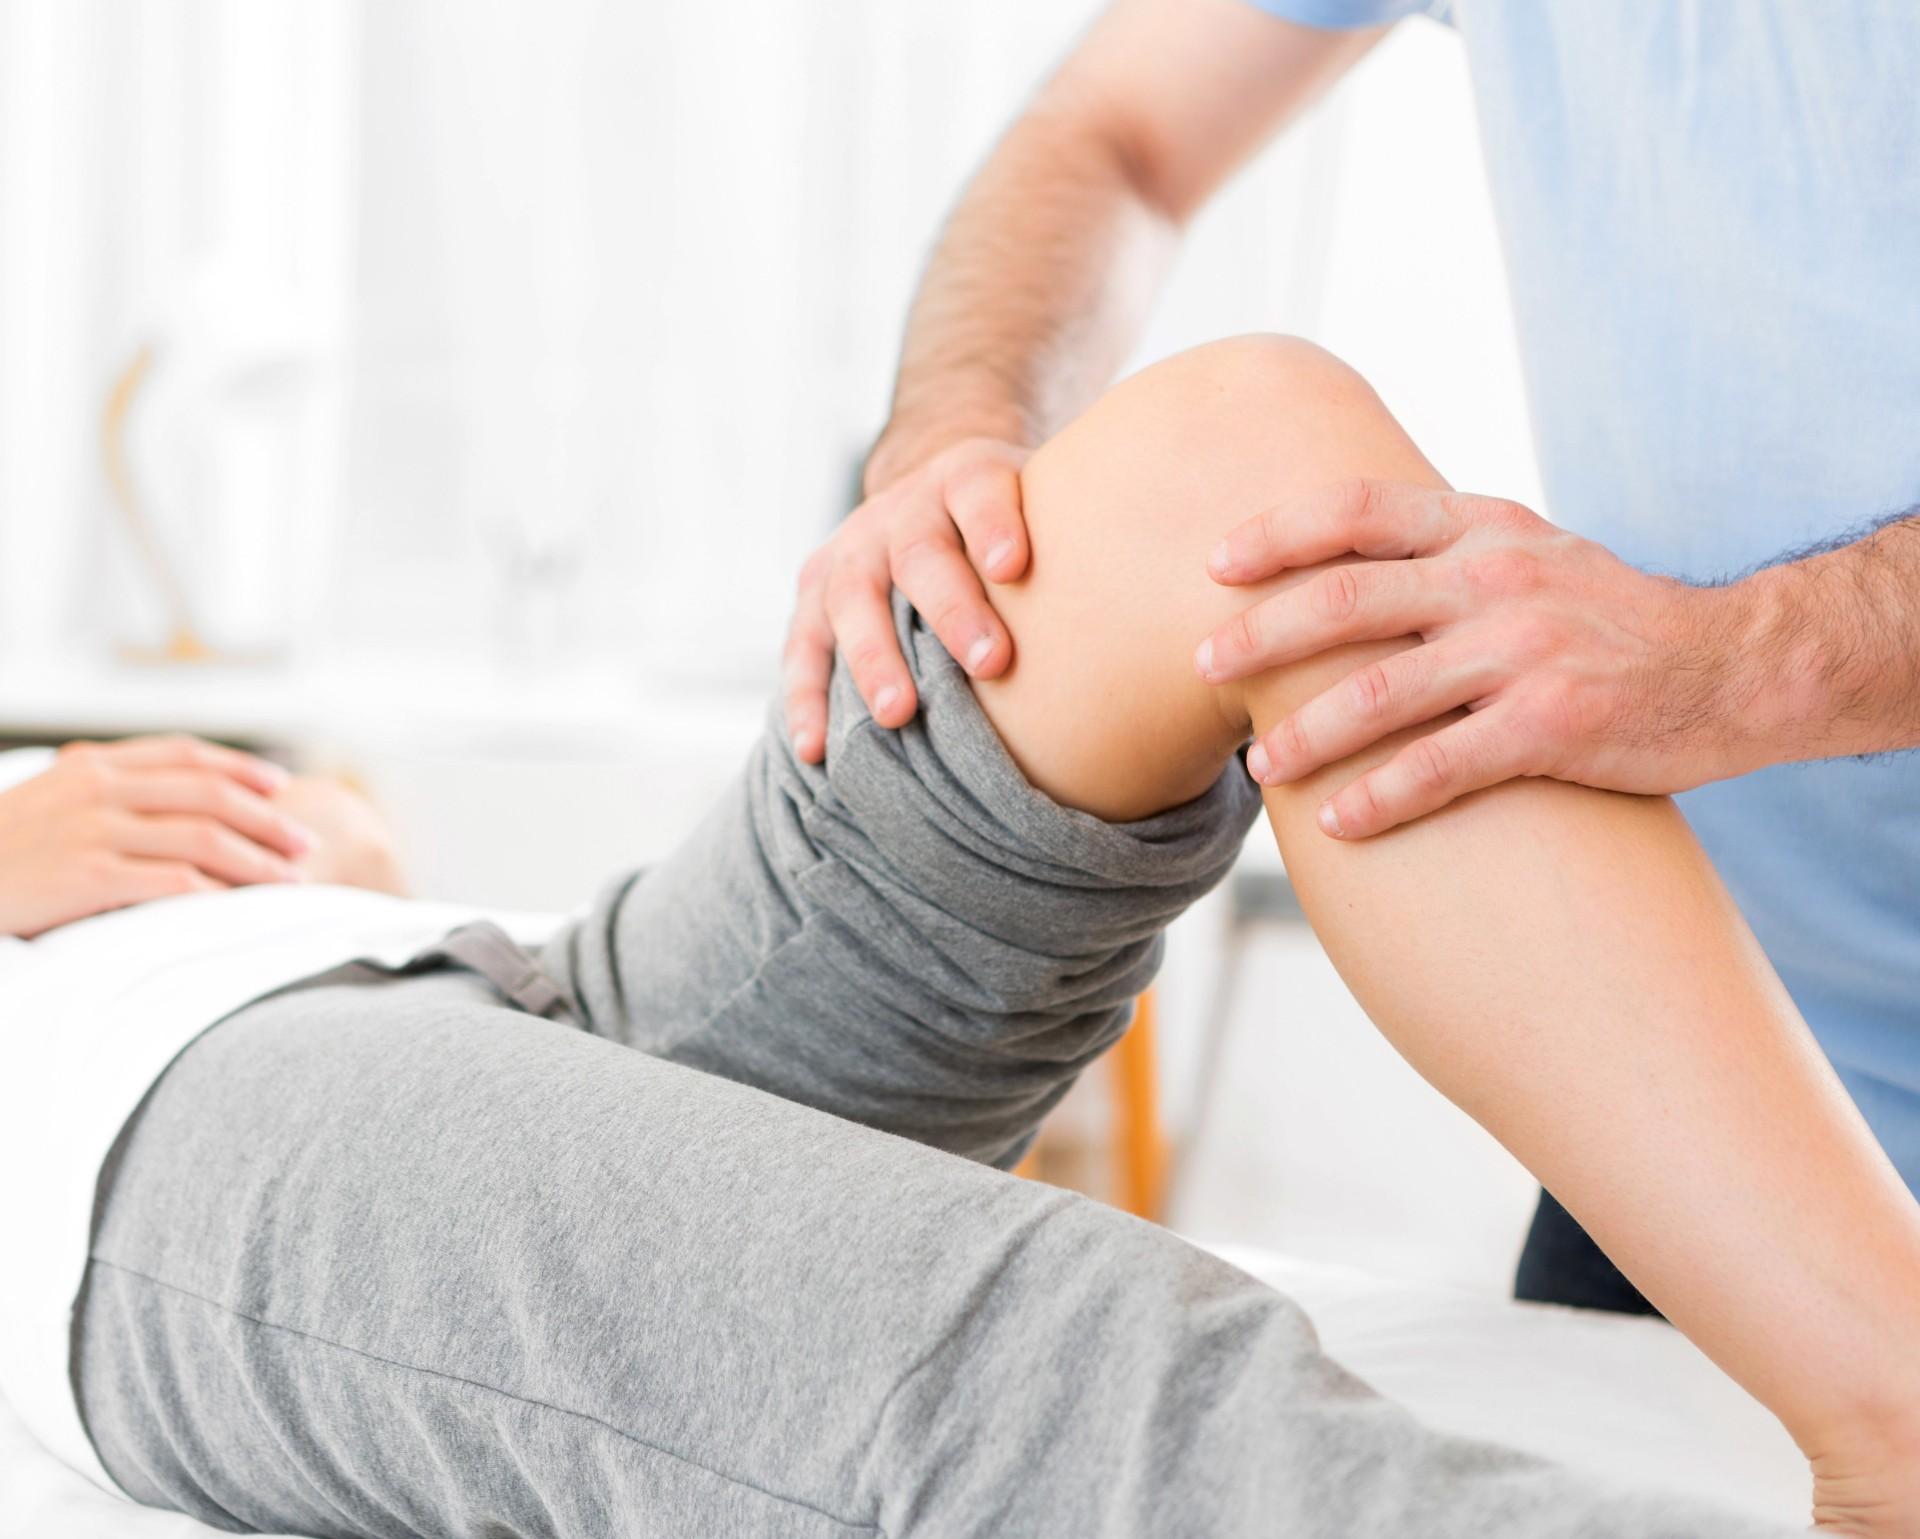 Léčba bolesti kolene? Více na www.bolestkolene.cz